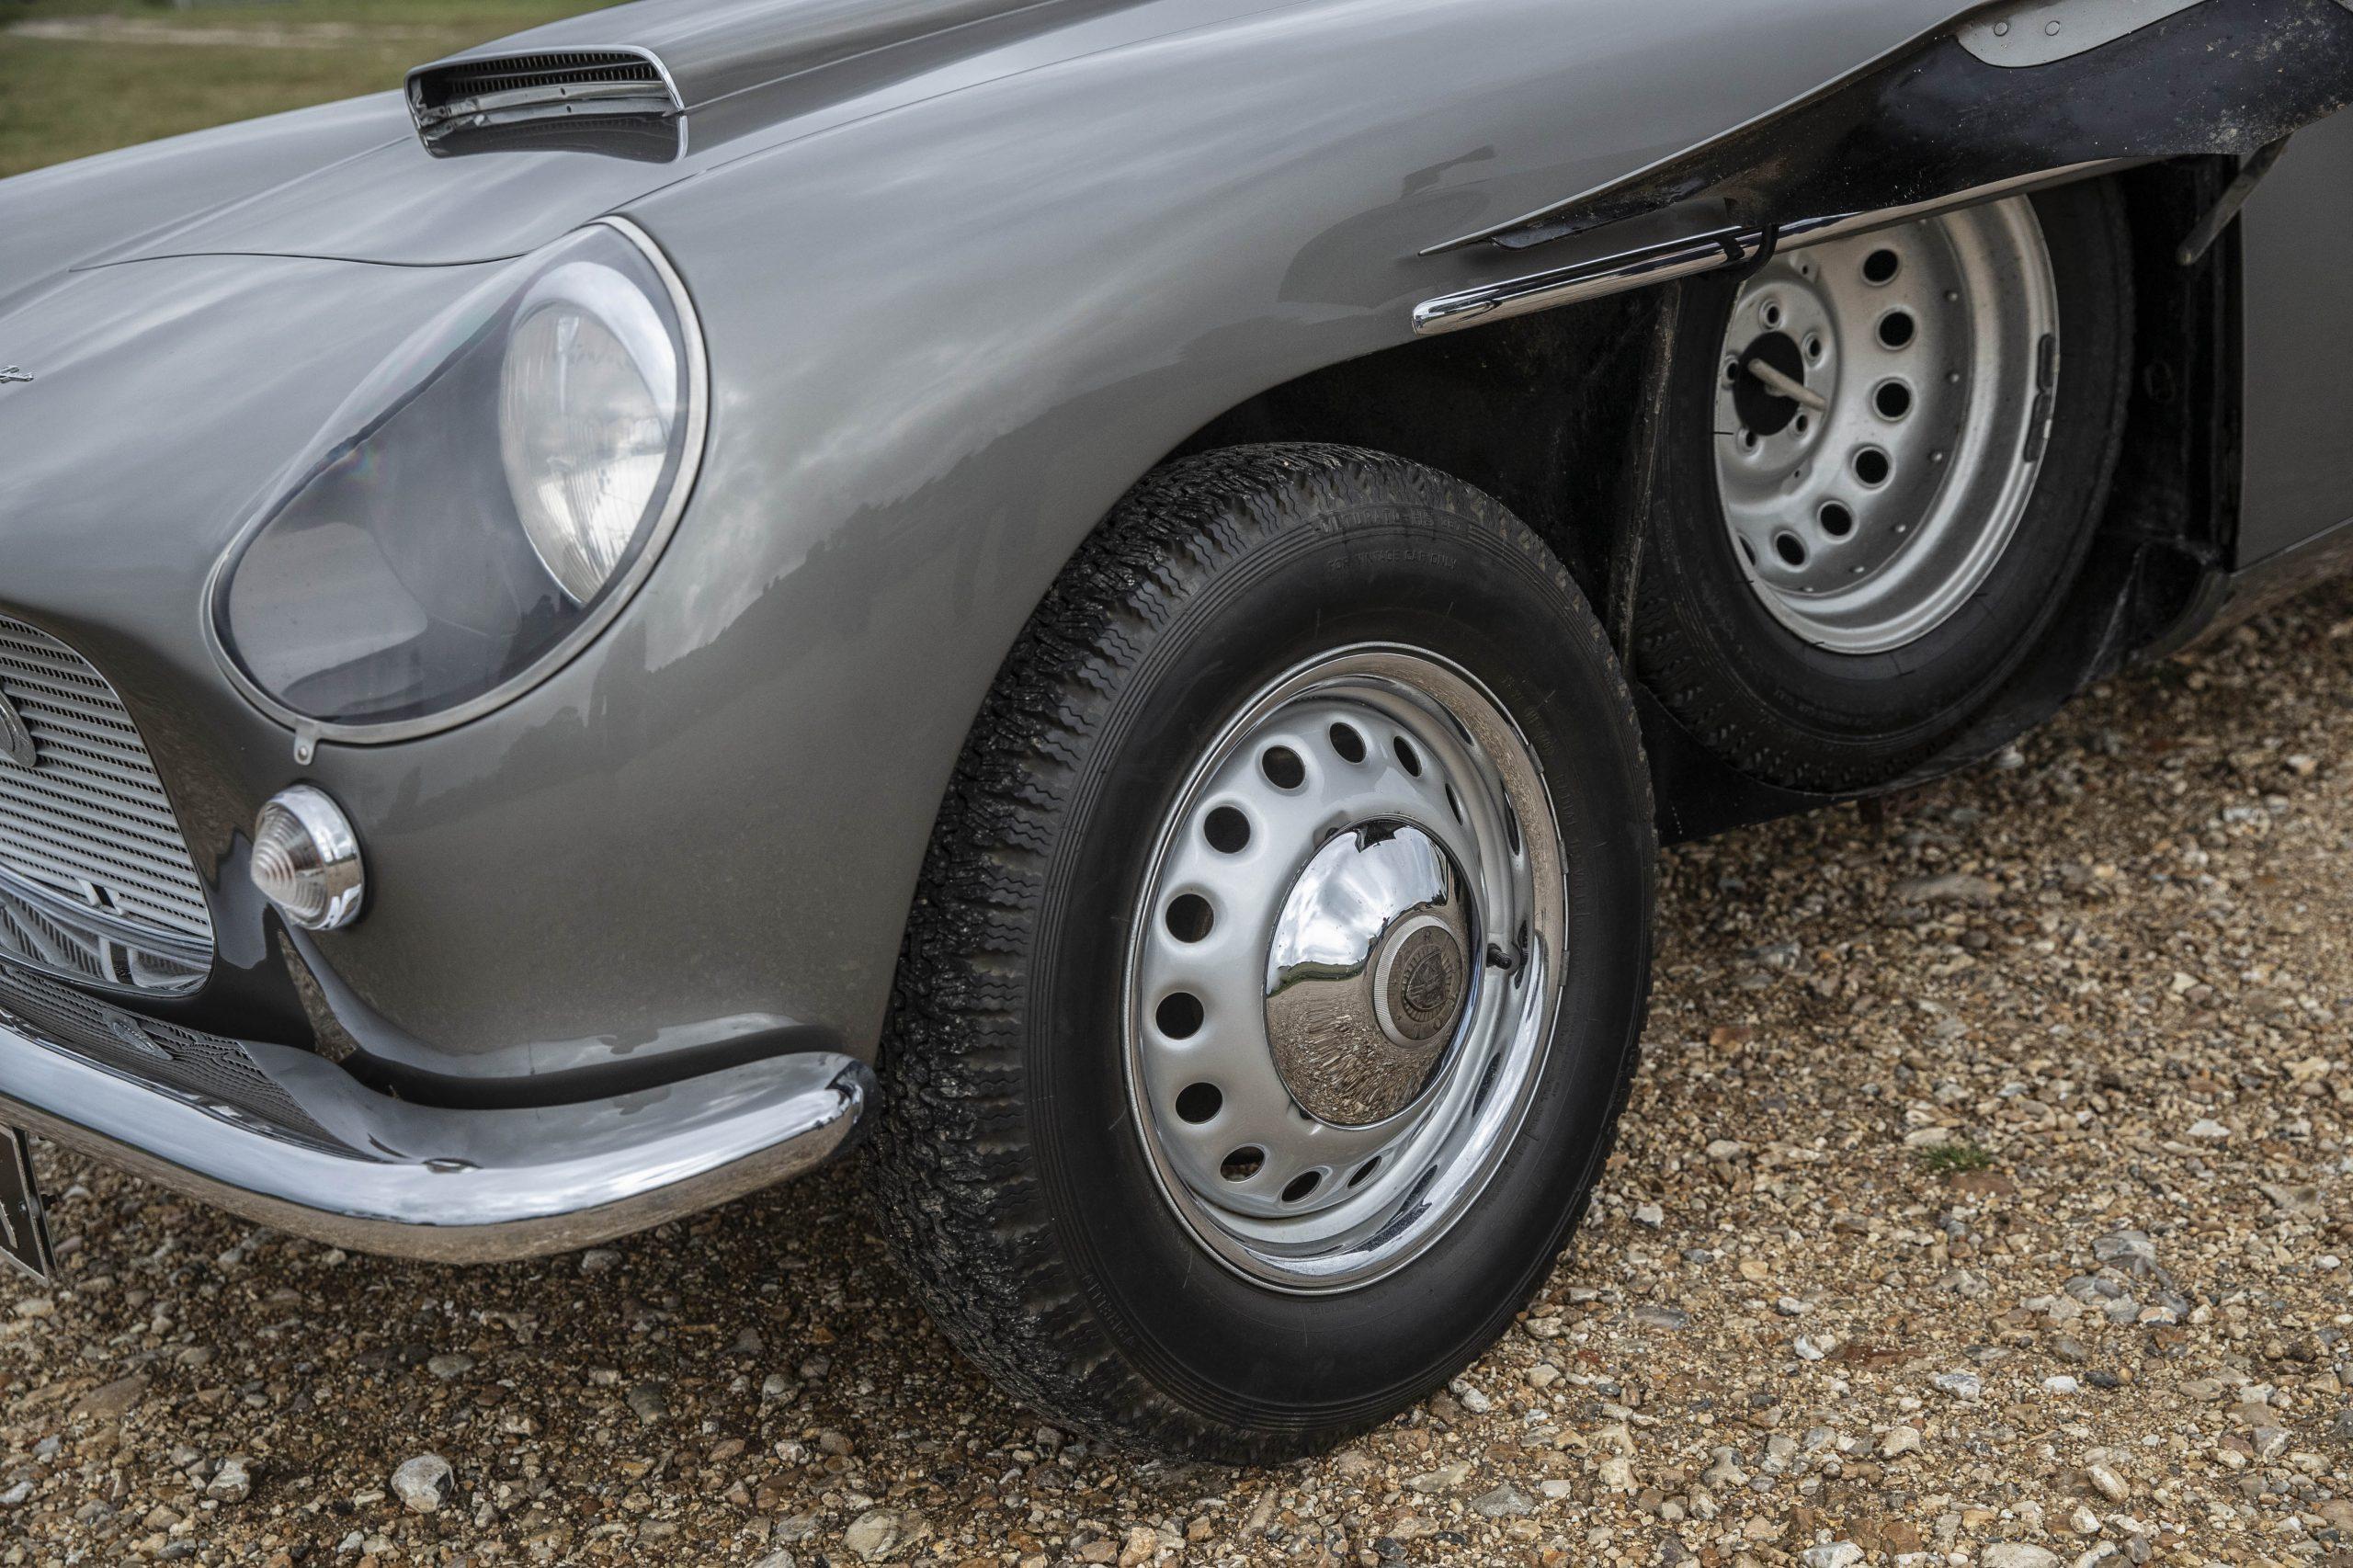 Zagato-bodied Bristol 406 front wheel and spare